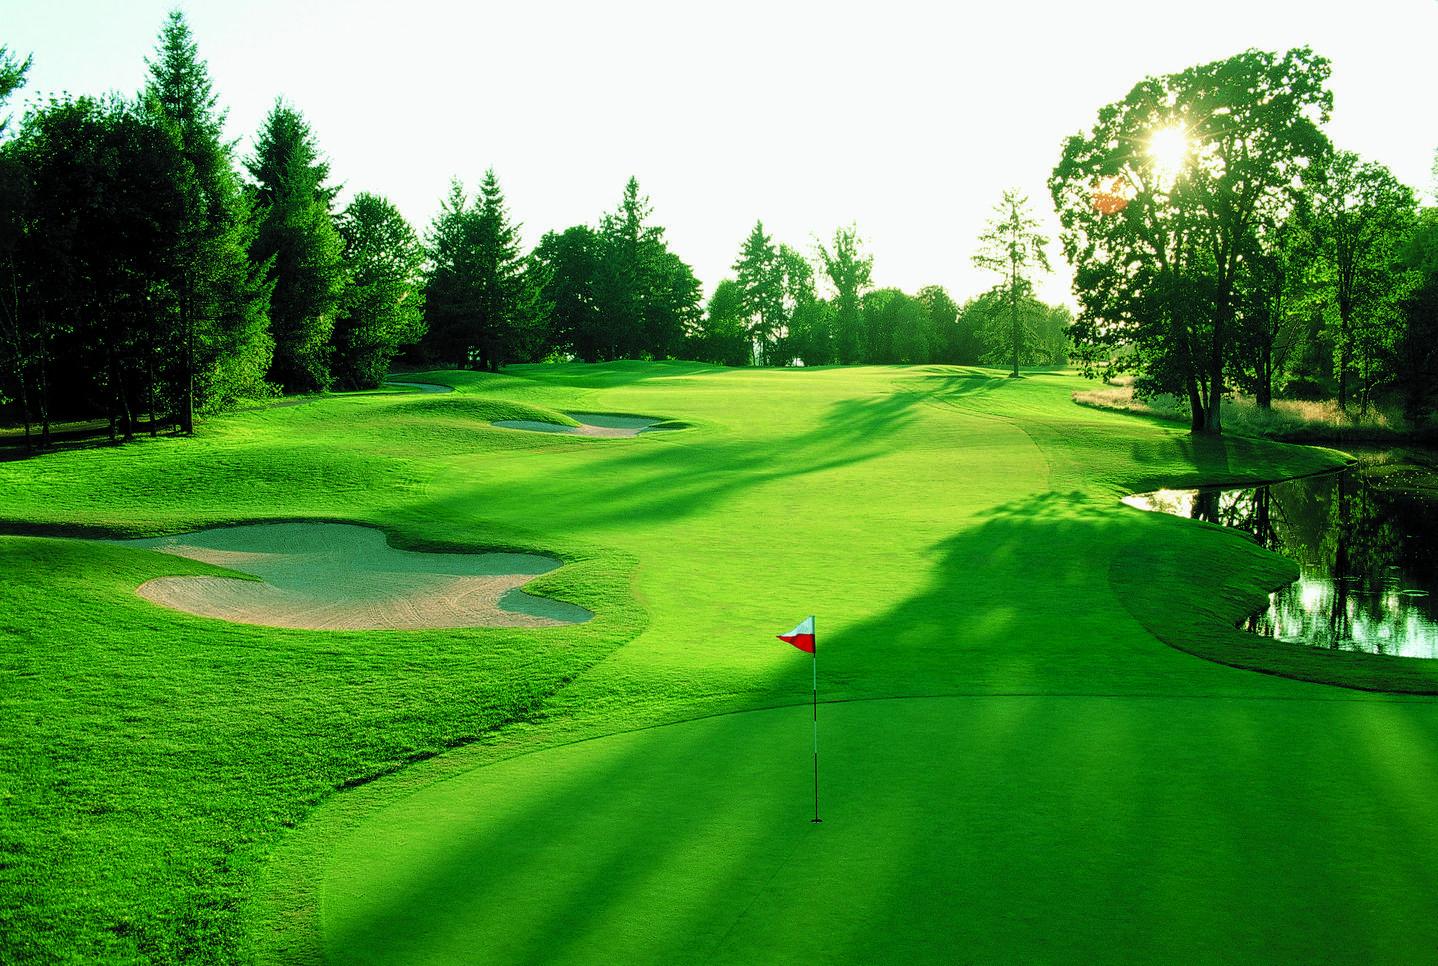 golf hd wallpaper